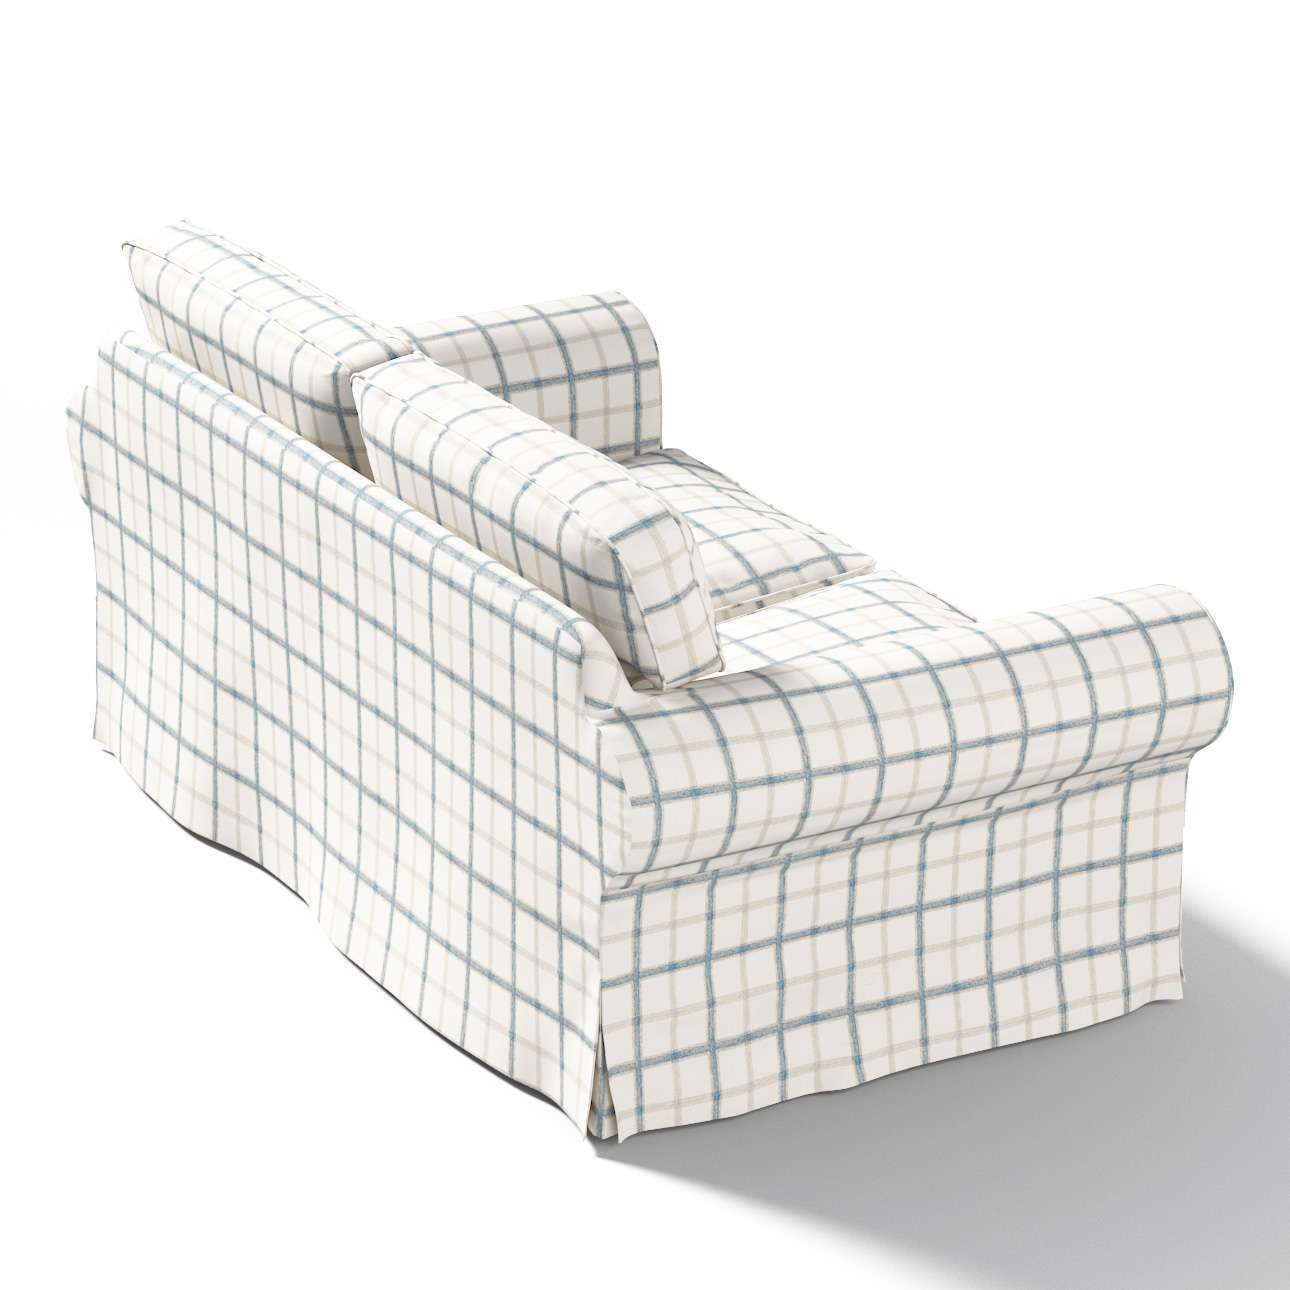 Ektorp dvivietės sofos užvalkalas Ektorp dvivietės sofos užvalkalas kolekcijoje Avinon, audinys: 131-66